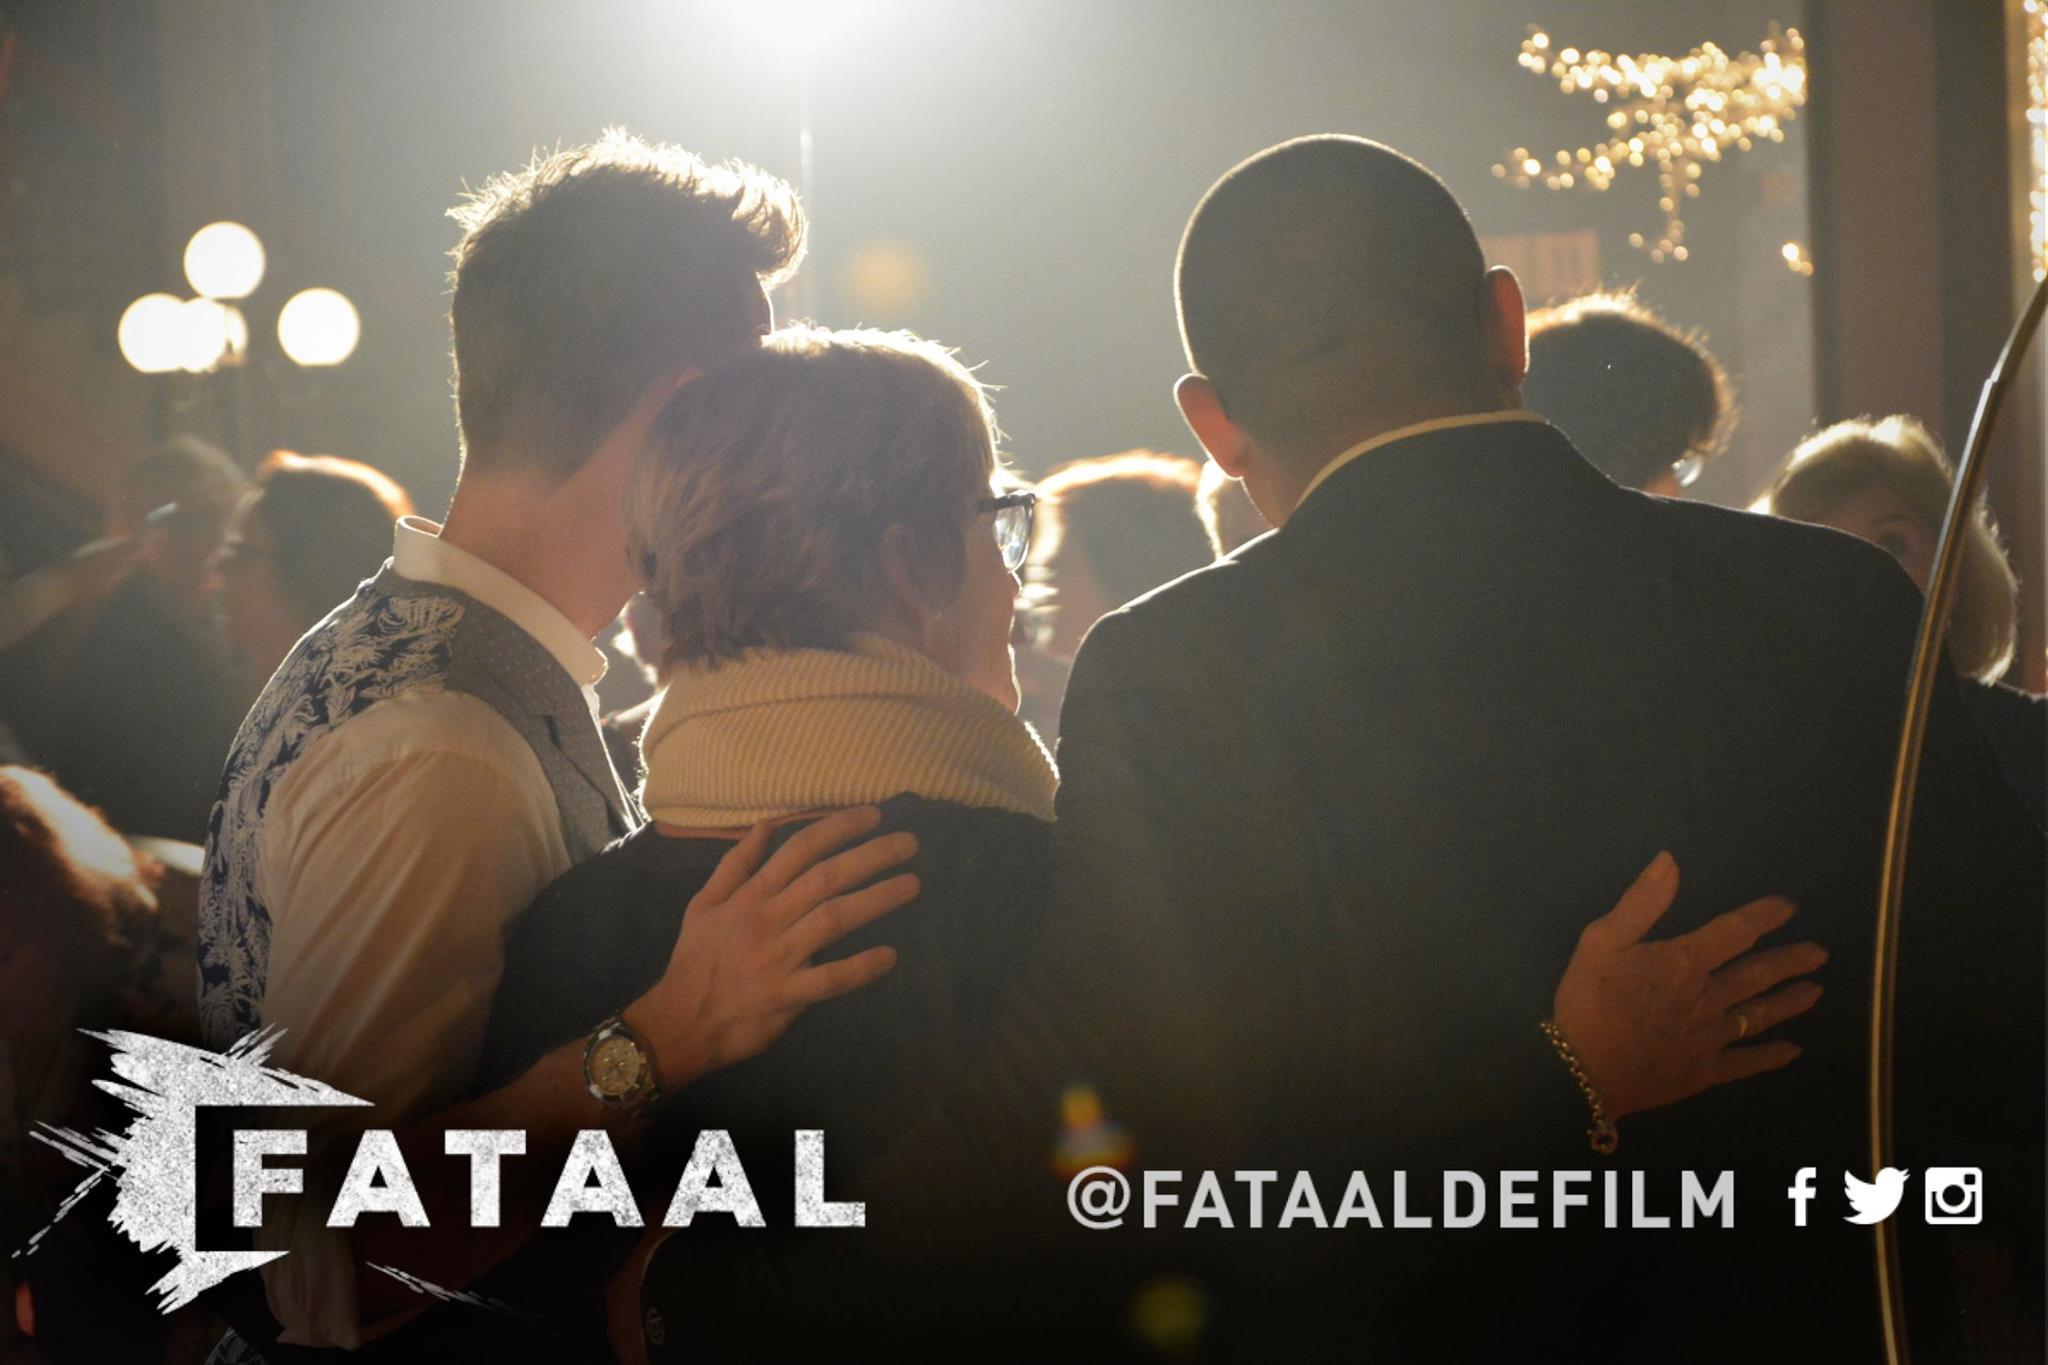 Fataal stills